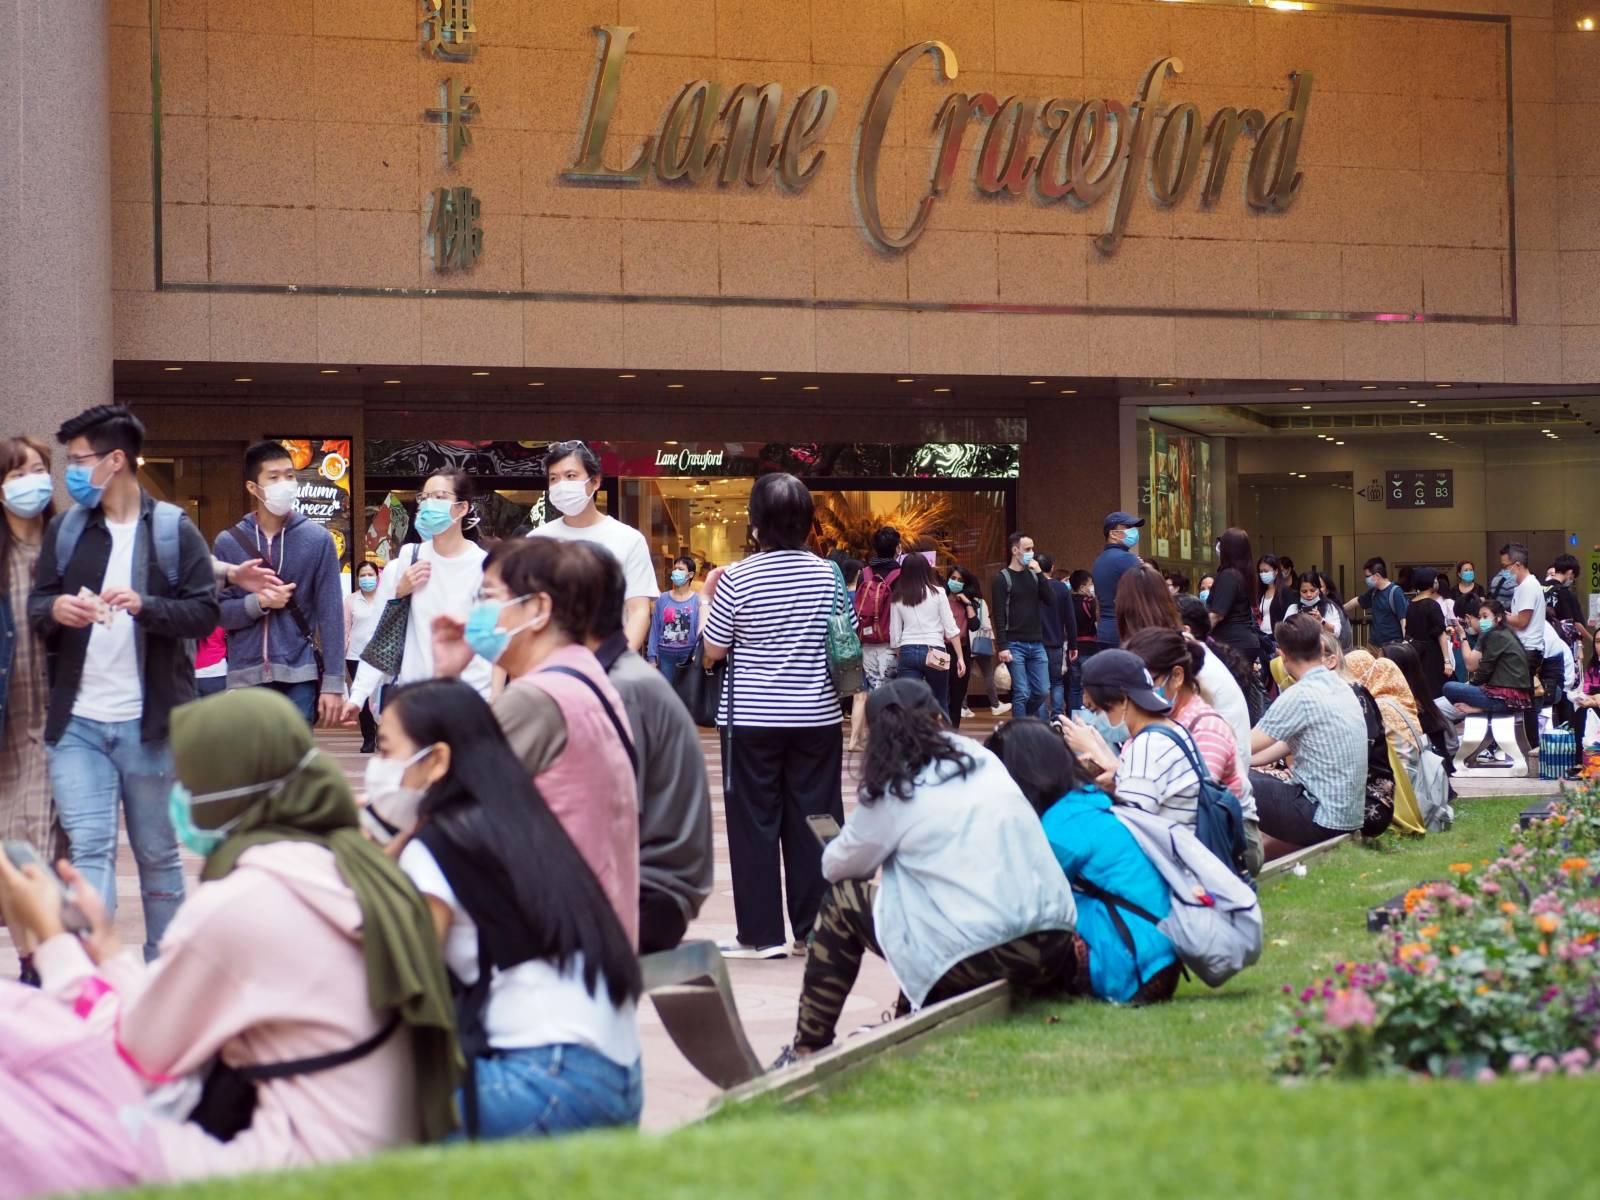 10月25日逢重陽節小長假,香港市民出外消遣度假。在人氣暢旺的銅鑼灣時代廣場,人群絡繹不絕。(香港中通社圖片)